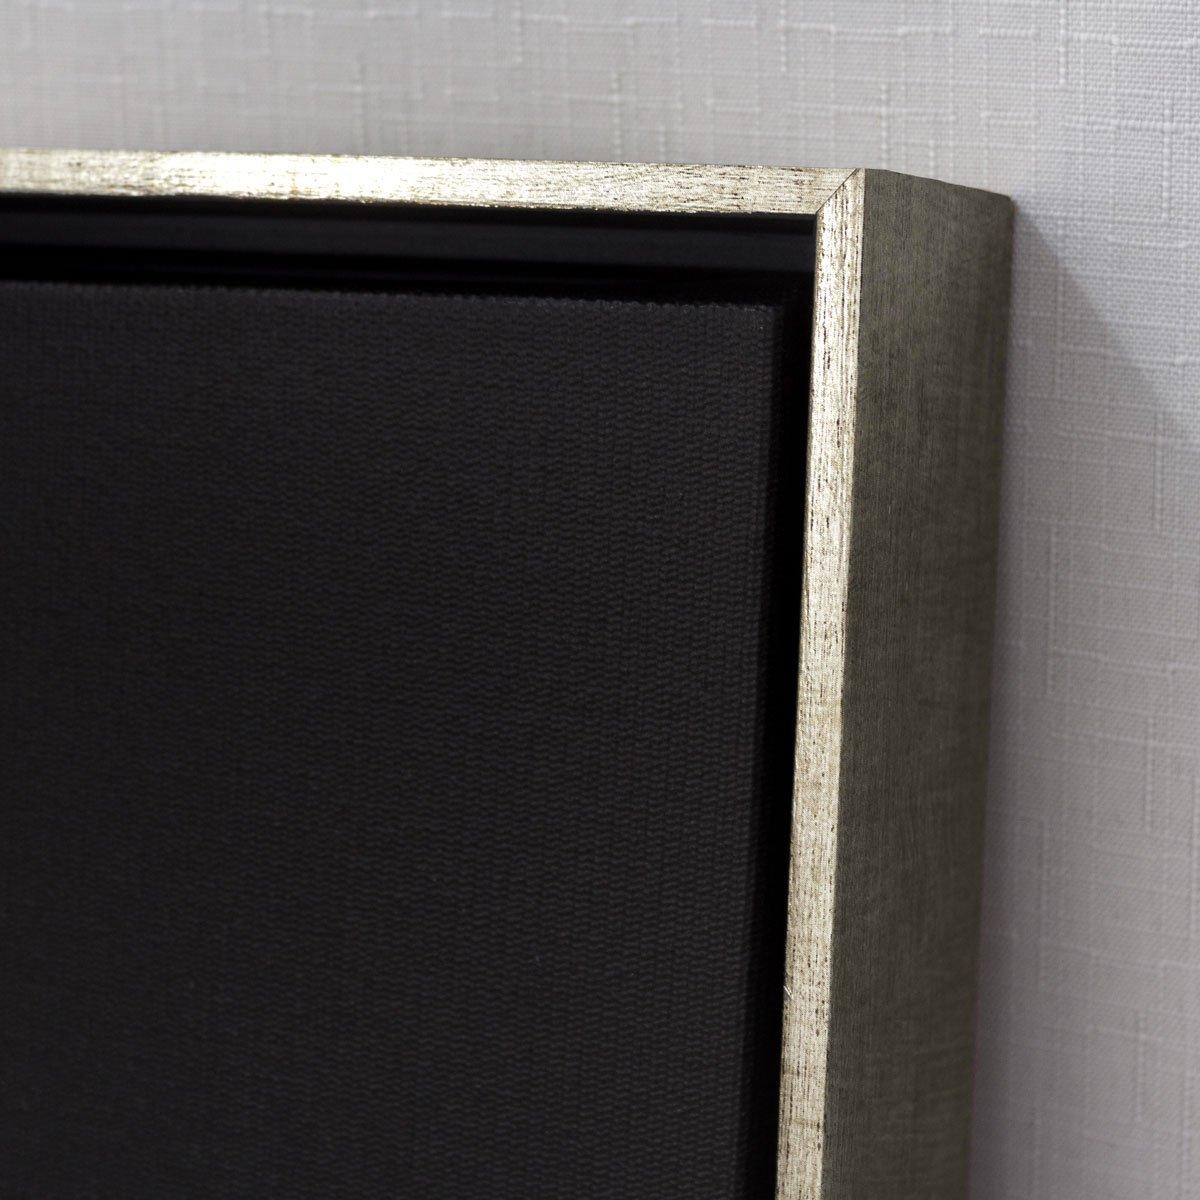 Detalhes, acabamento e textura, tela canvas com moldura flutuante prata.